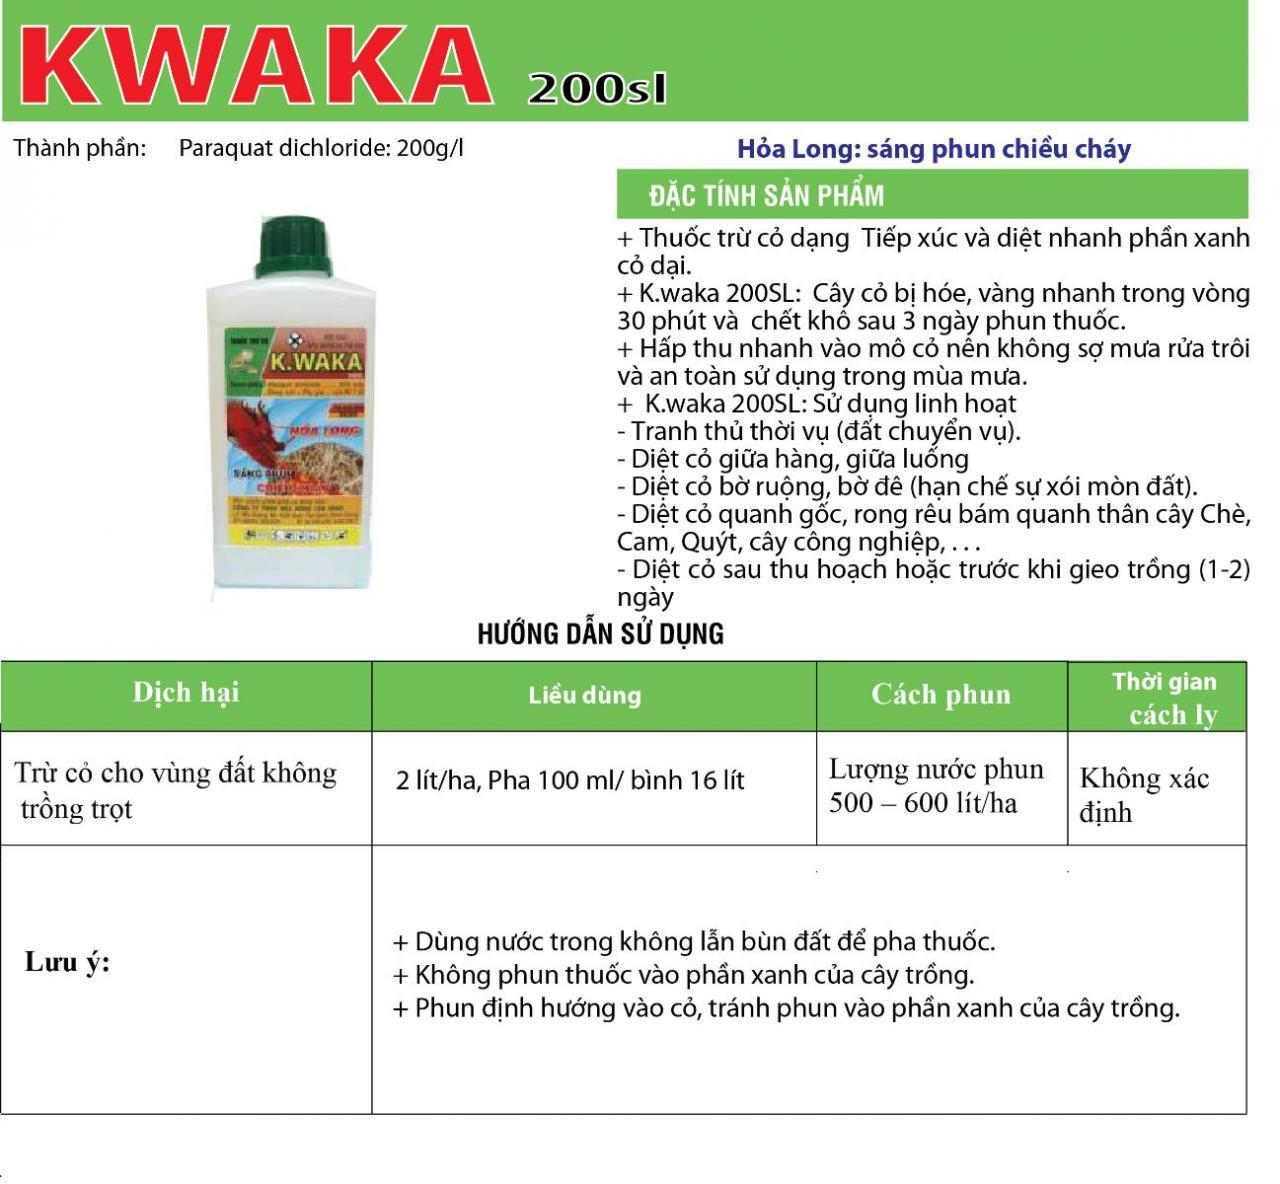 THUỐC CỎ CHÁY K-WAKA 200SL